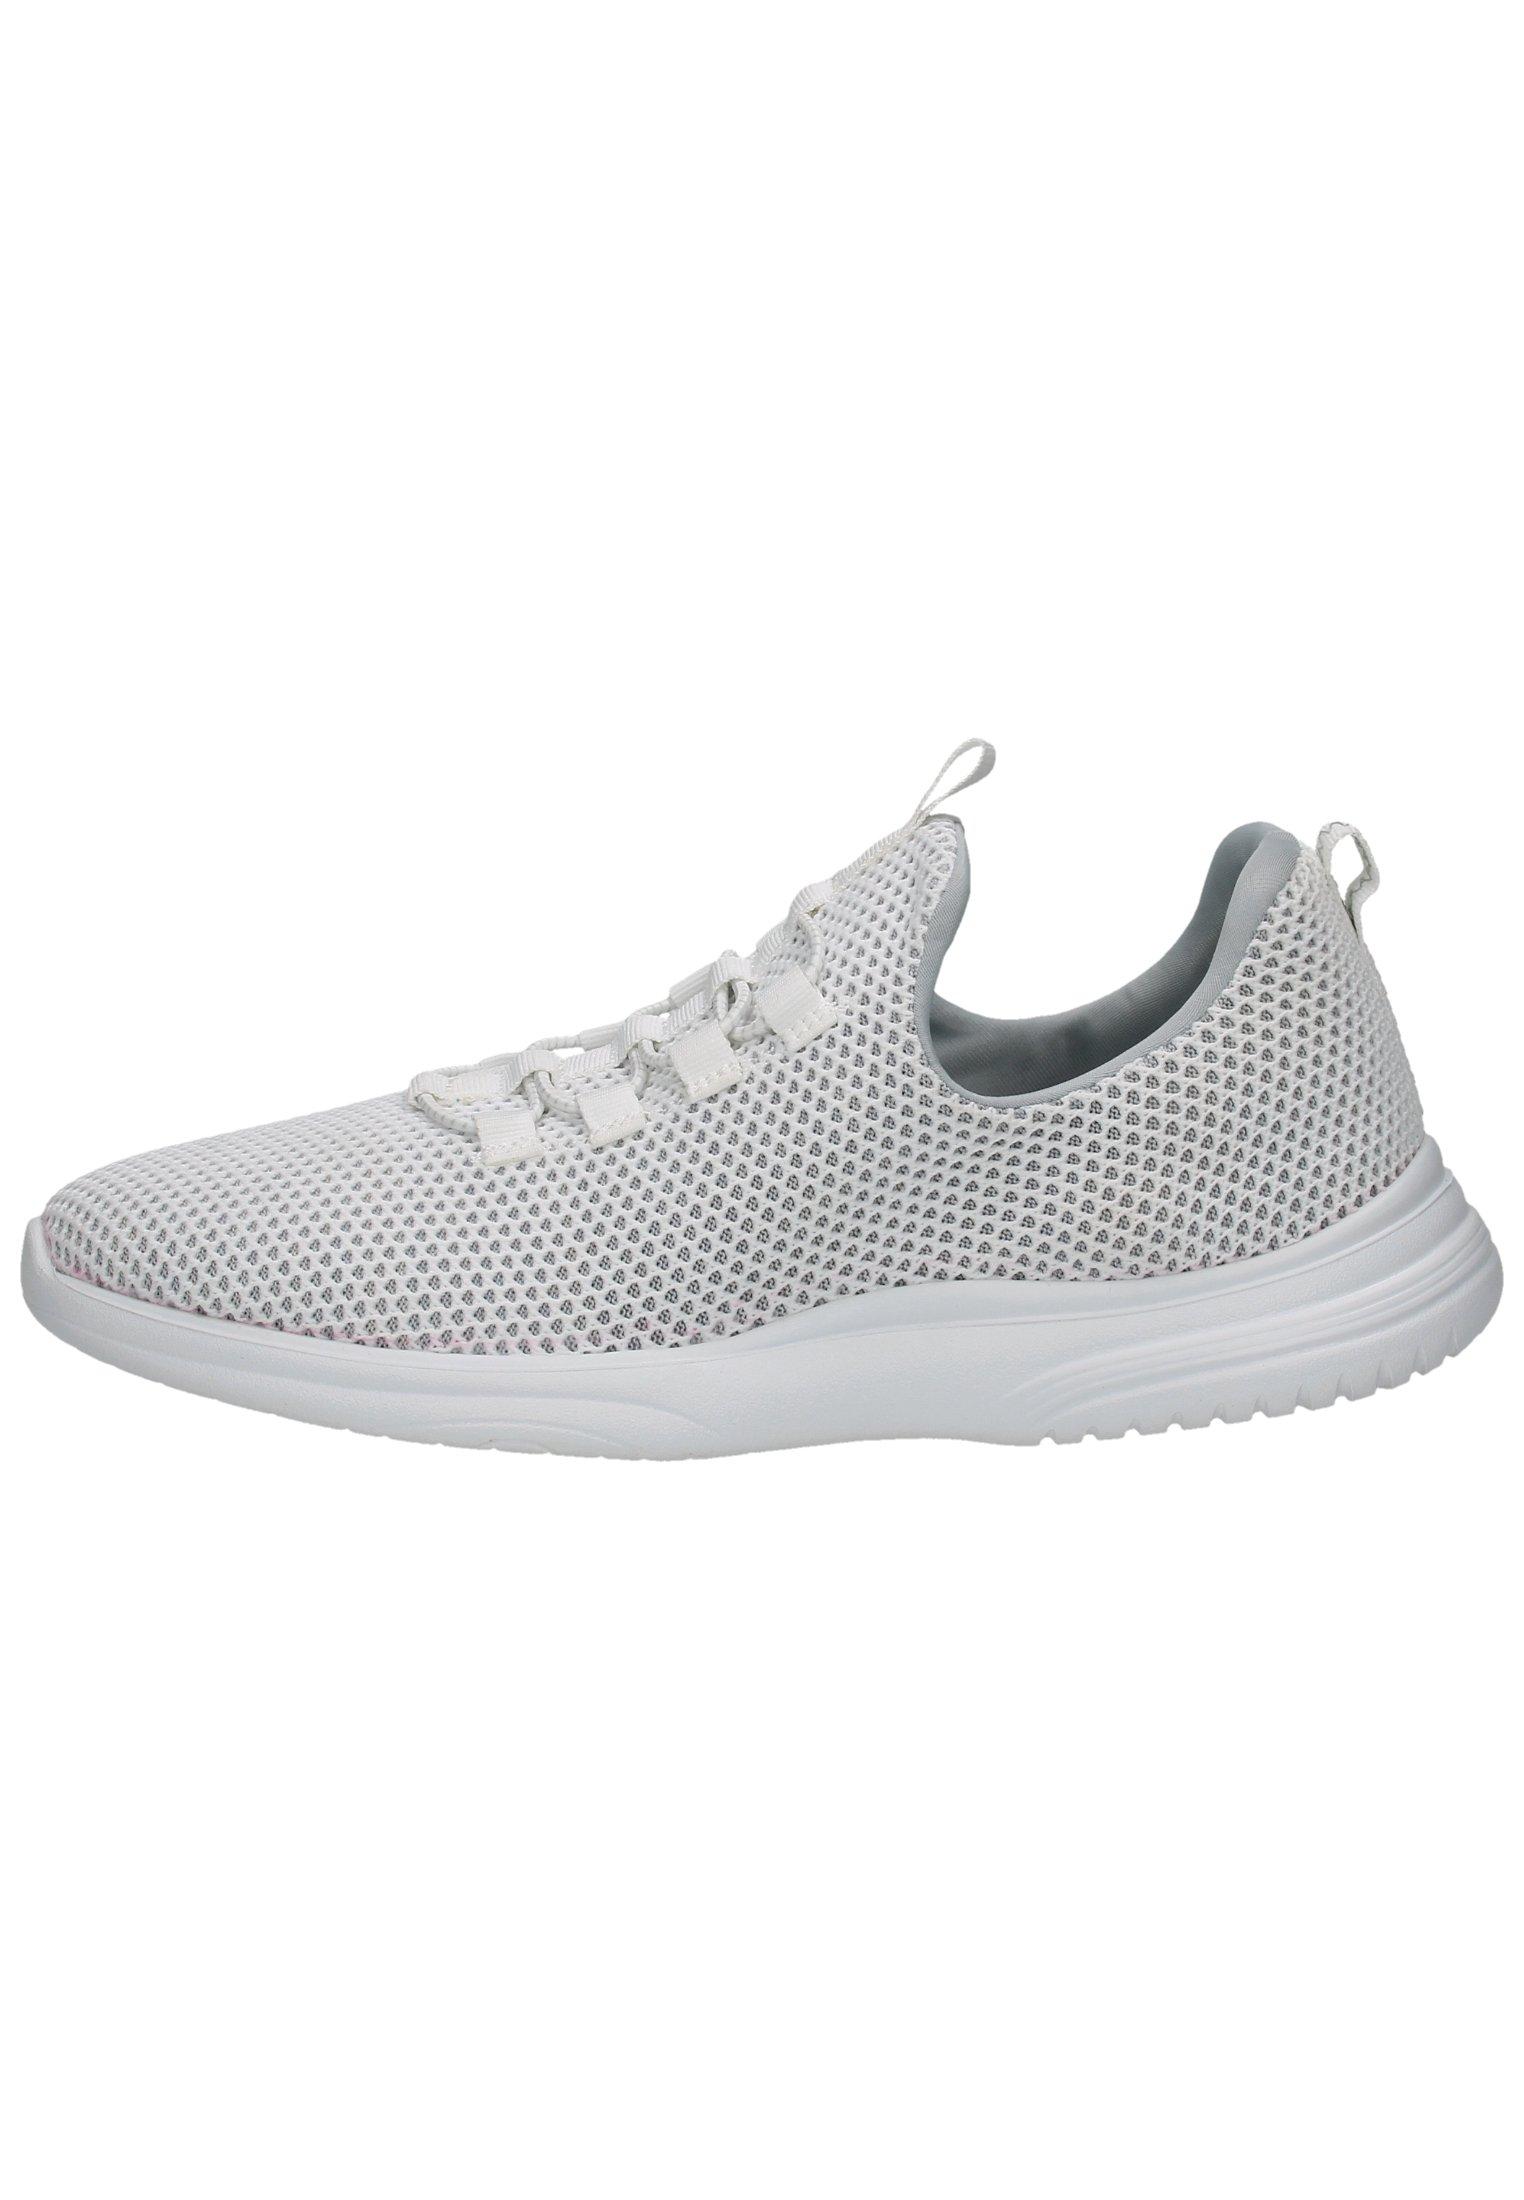 Femme Baskets basses - white